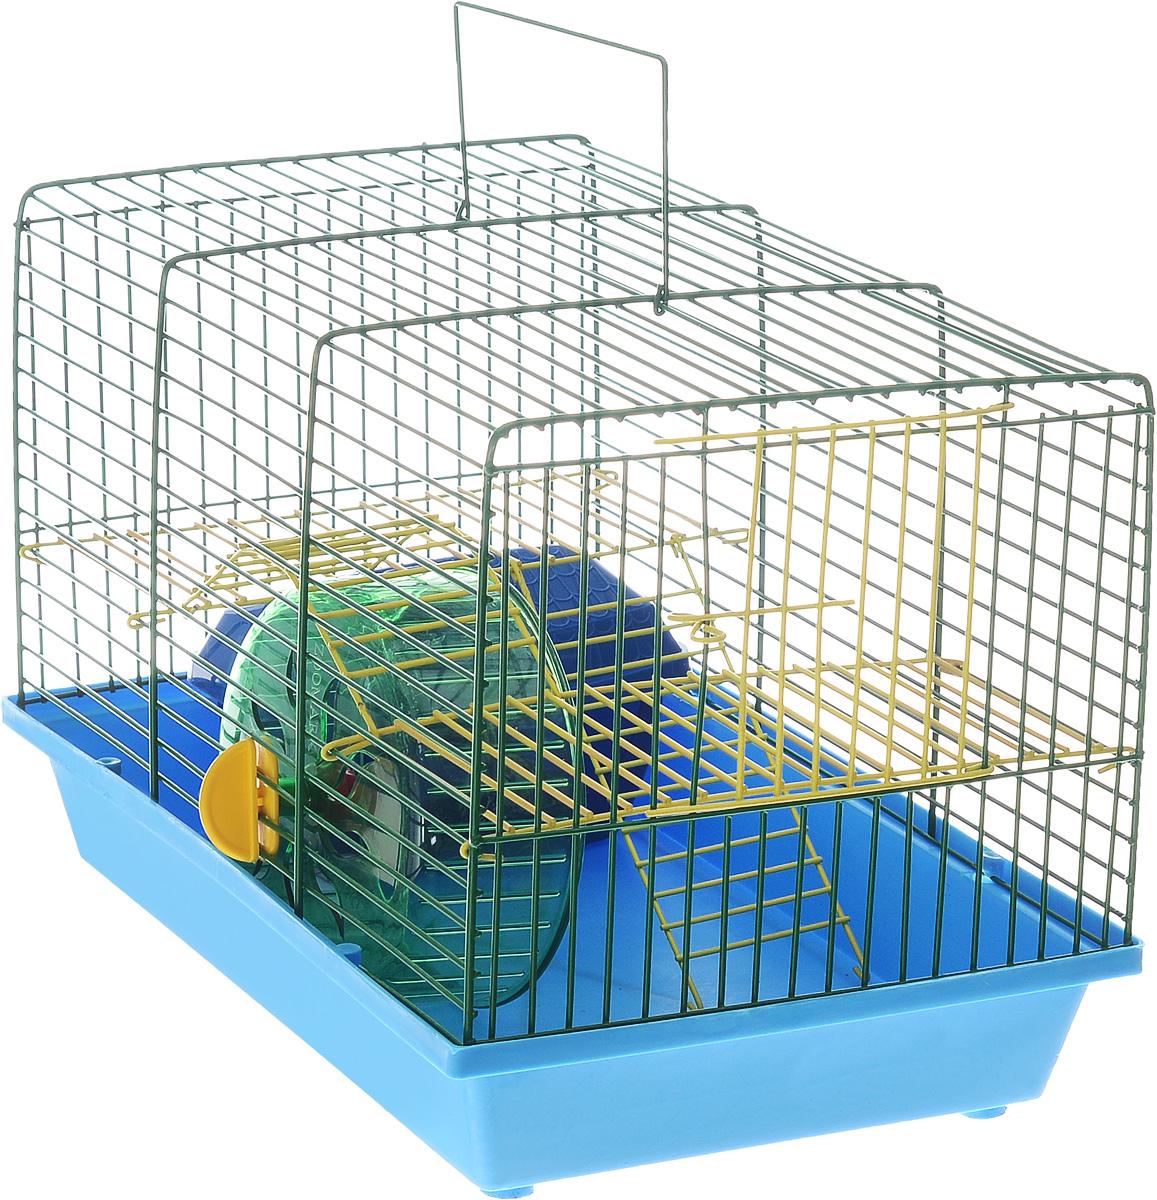 Клетка для грызунов Зоомарк Венеция, 2-этажная, цвет: синий поддон, зеленая решетка, 36 х 23 х 24 см135СОКлетка Зоомарк Венеция, выполненная из полипропилена и металла, подходит для мелких грызунов. Изделие двухэтажное, оборудовано колесом для подвижных игр и пластиковым домиком. Клетка имеет яркий поддон, удобна в использовании и легко чистится. Сверху имеется ручка для переноски. Такая клетка станет уединенным личным пространством и уютным домиком для маленького грызуна.